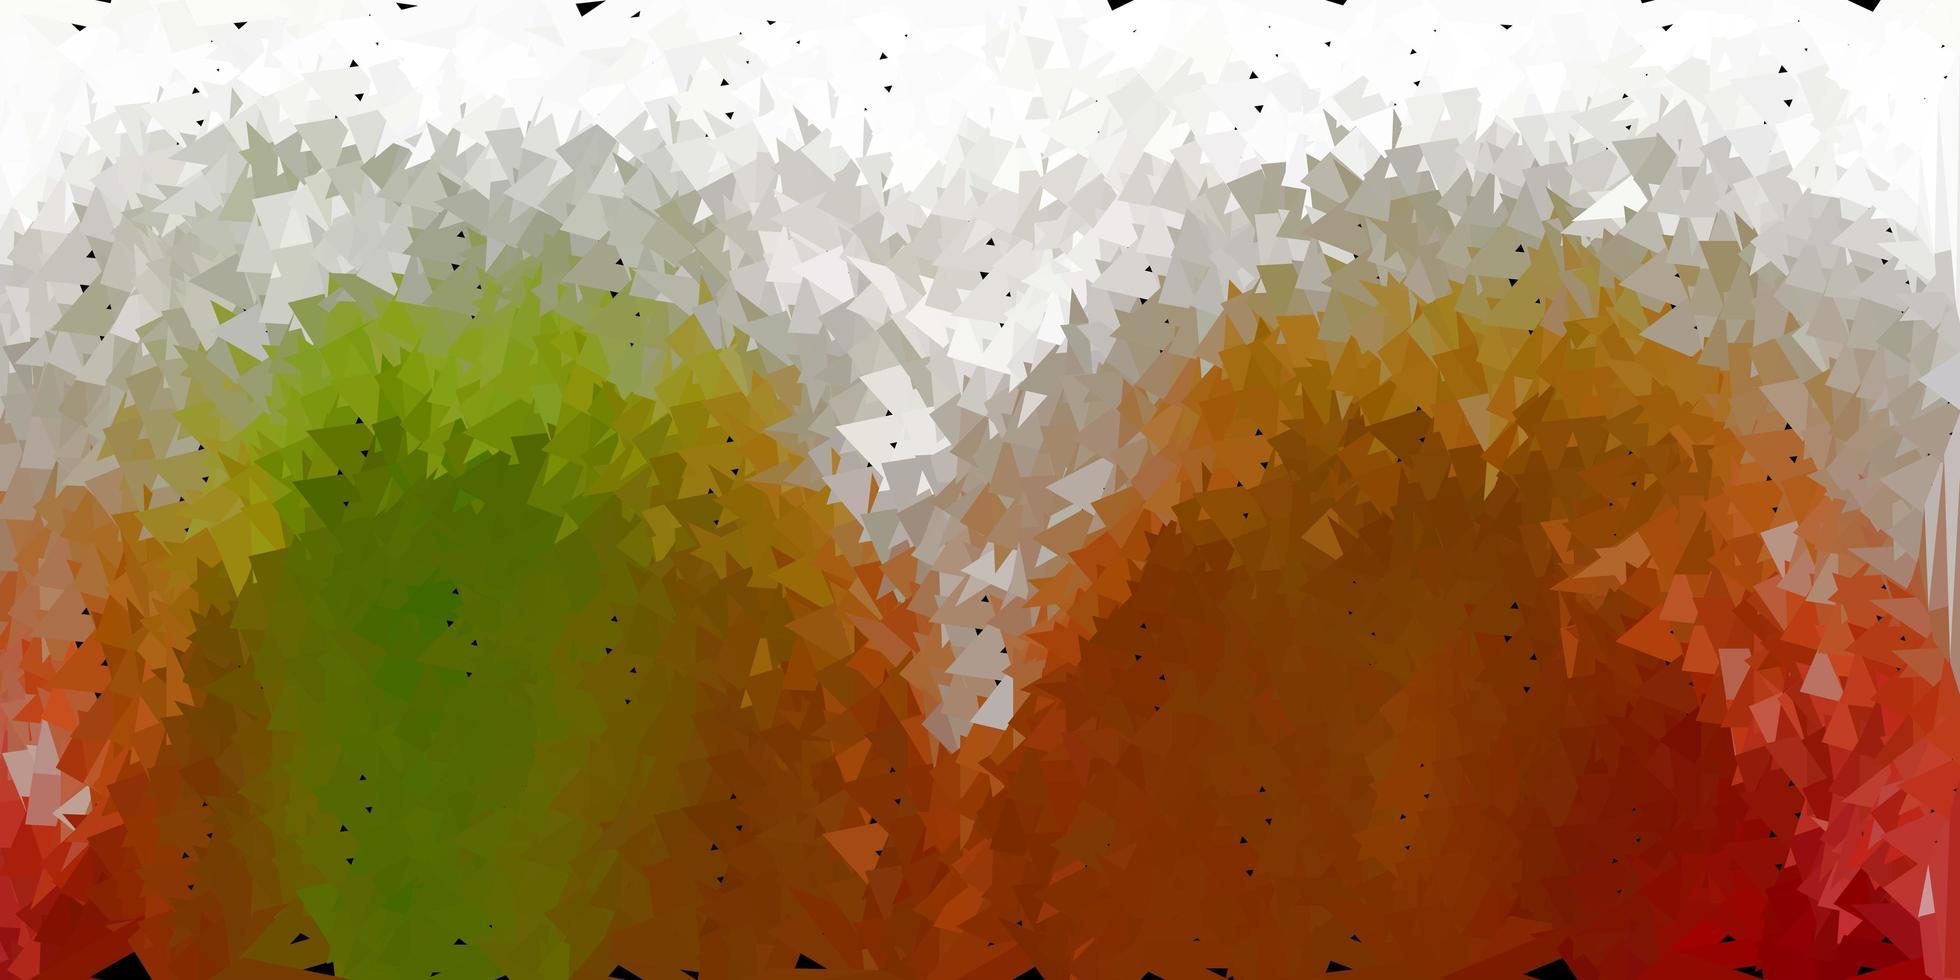 abstrakter Dreieckhintergrund des dunkelgrünen, gelben Vektors. vektor